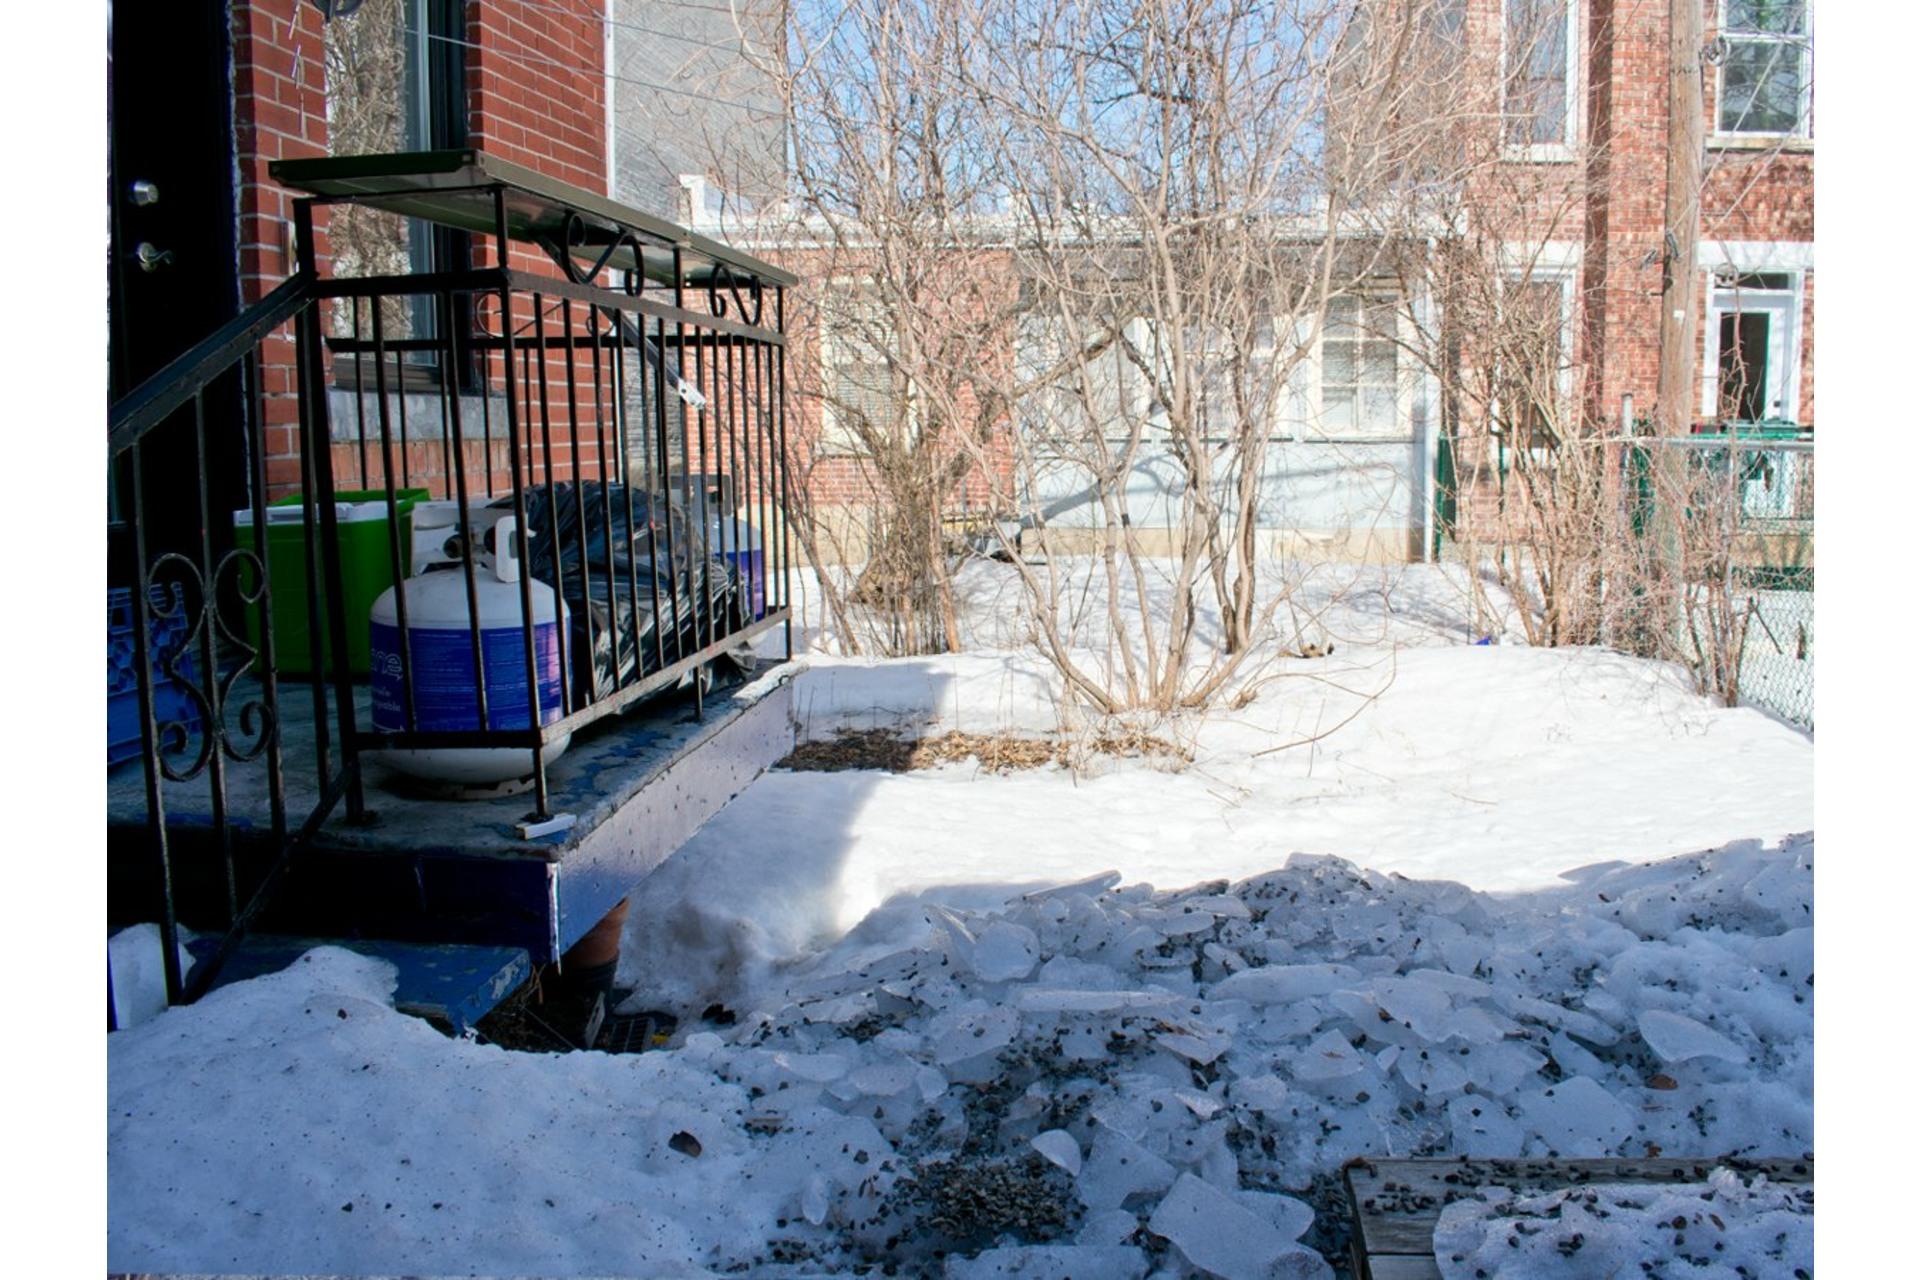 image 22 - Maison À vendre Villeray/Saint-Michel/Parc-Extension Montréal  - 9 pièces